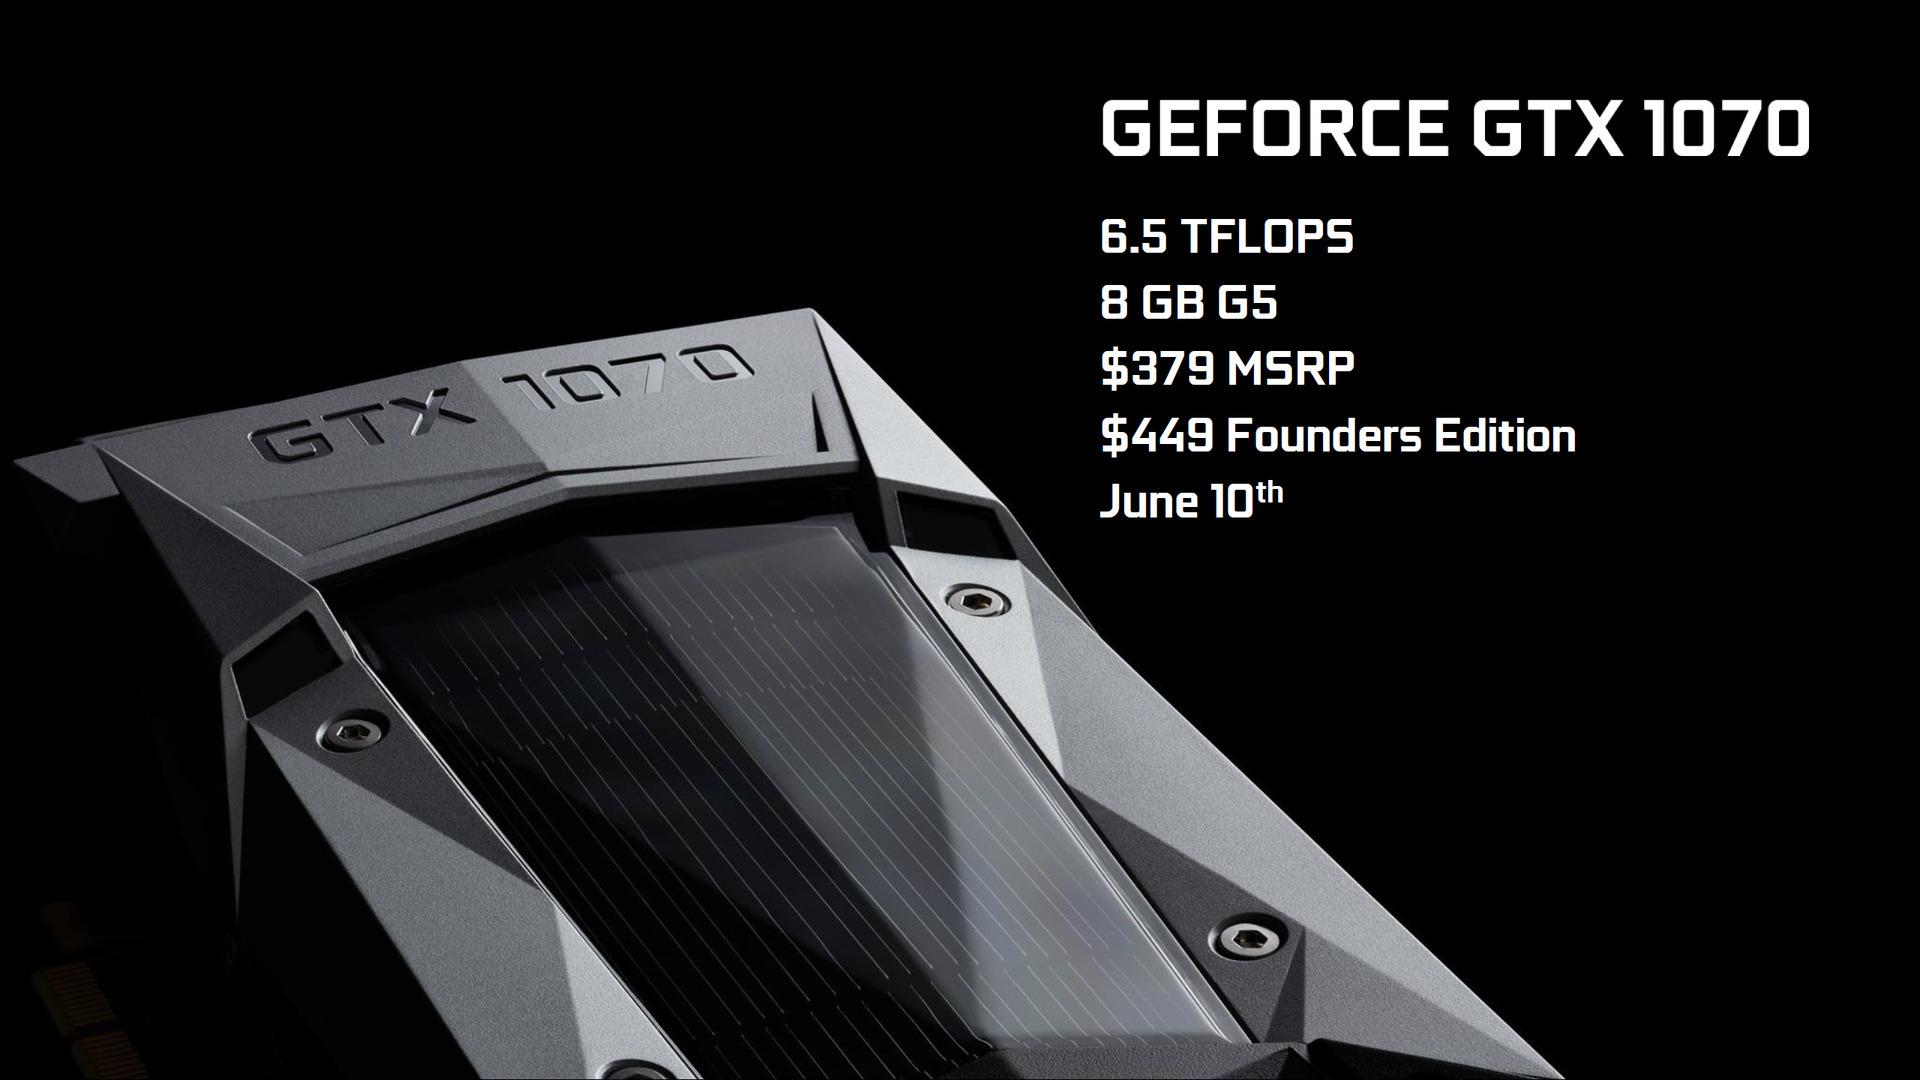 グッと安価なGeForce GTX 1070。希望小売価格379ドルで、6月10日からの販売開始を予定